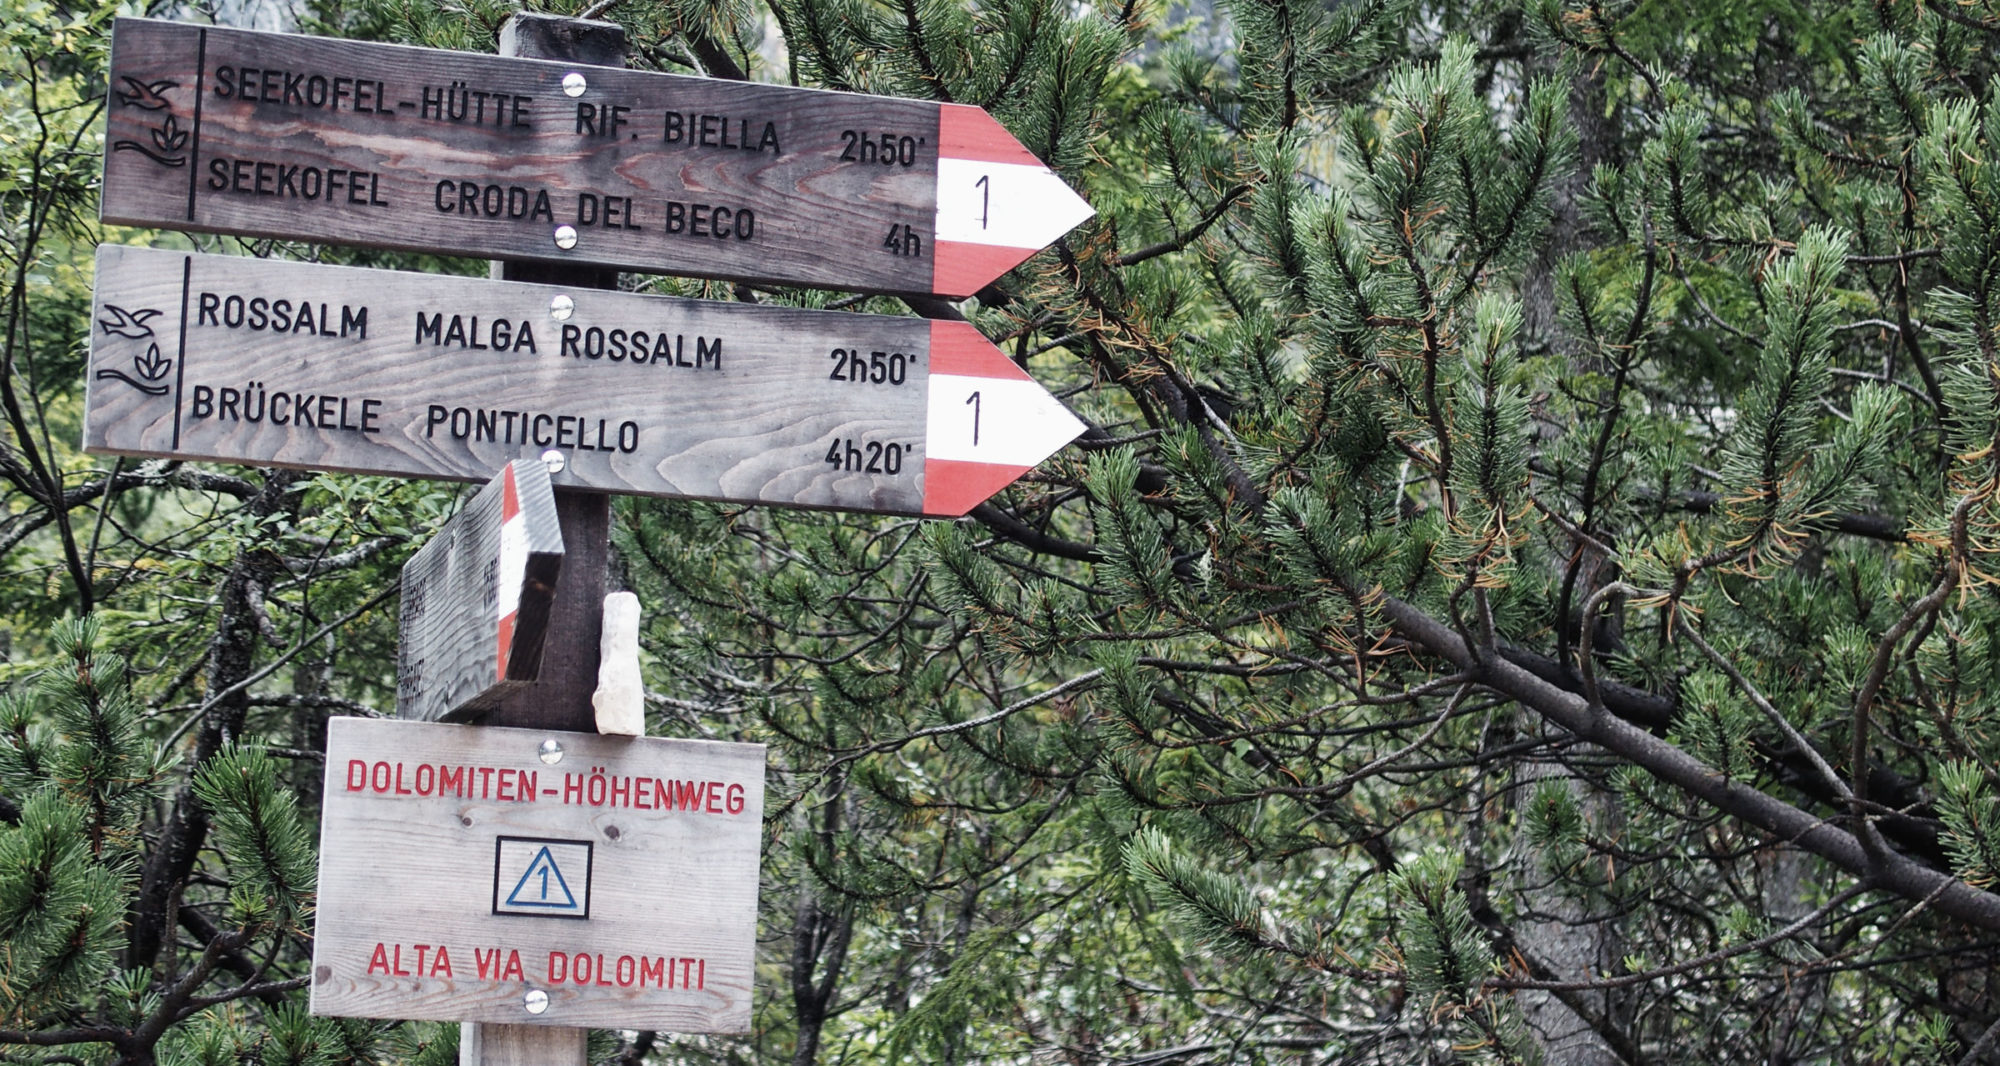 Wegweiser zum Seekofel und Dolomiten Höhenweg